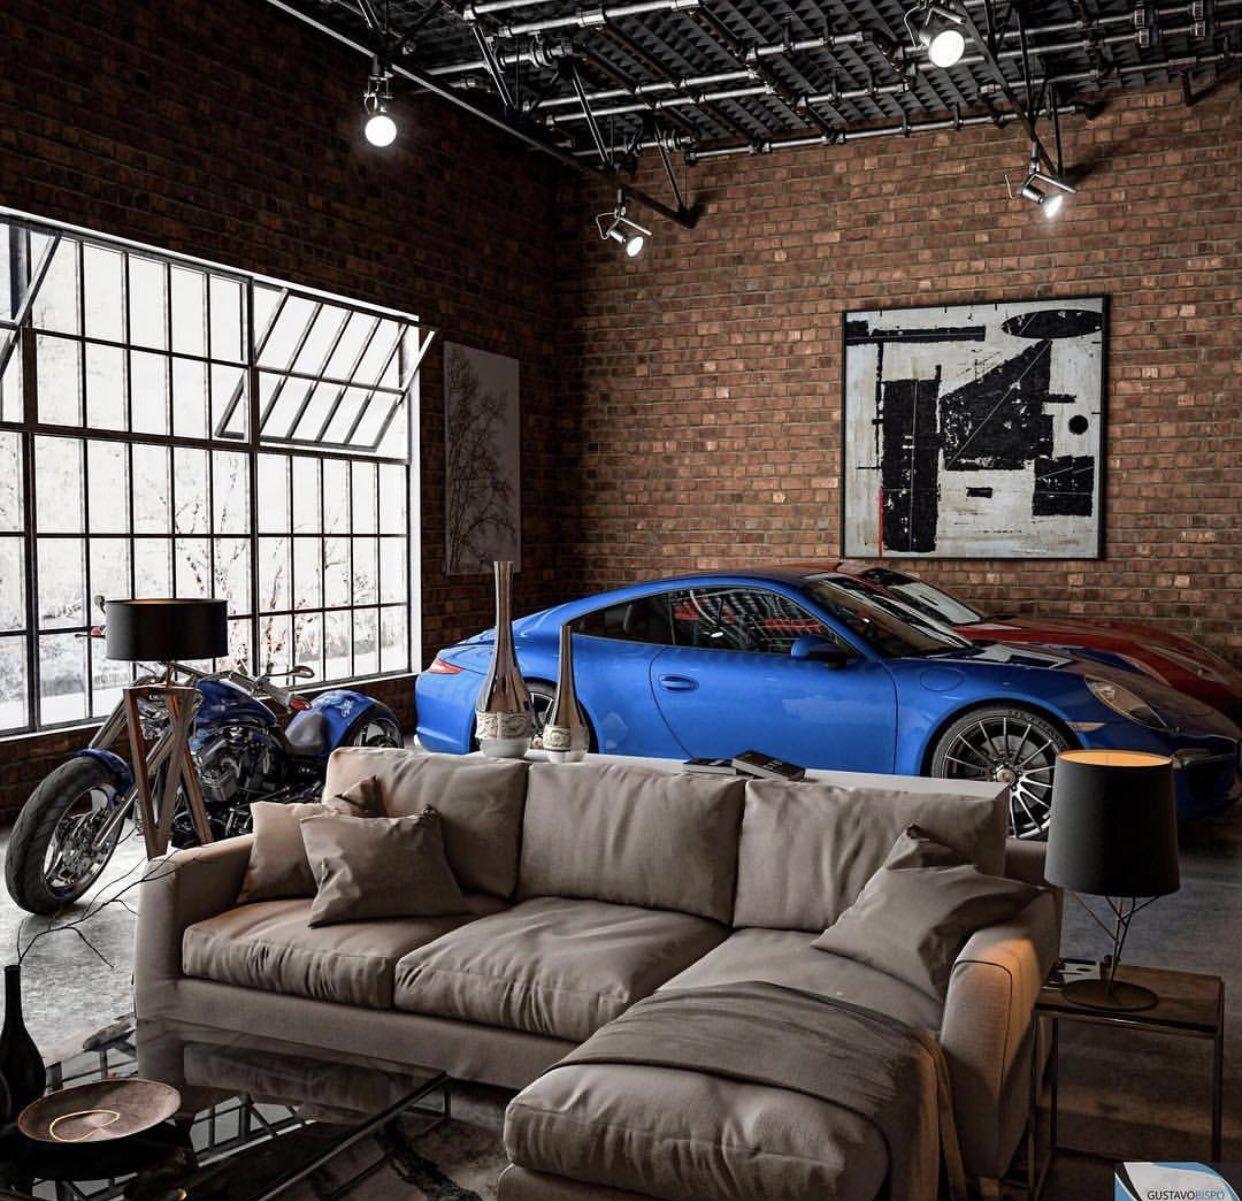 Garage Interior Design Ideas To Consider: Loft Interior Design, Loft Interiors